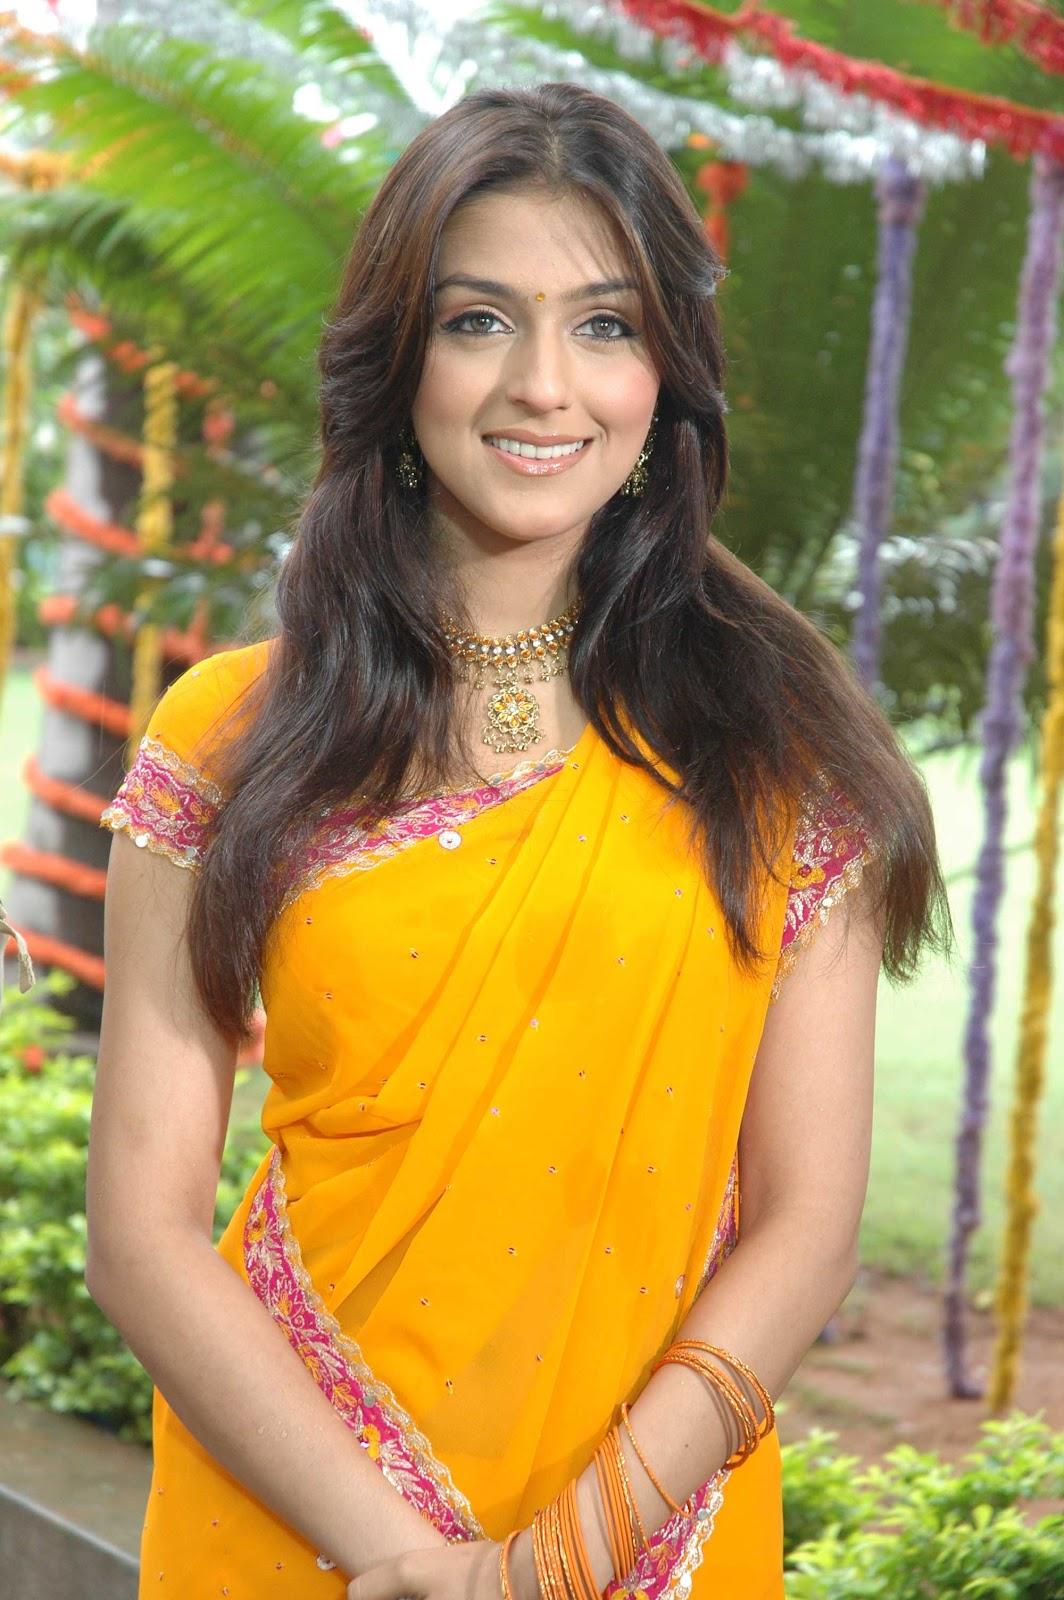 Mugguru 2011  Mugguru Movie  Mugguru Telugu Movie Cast